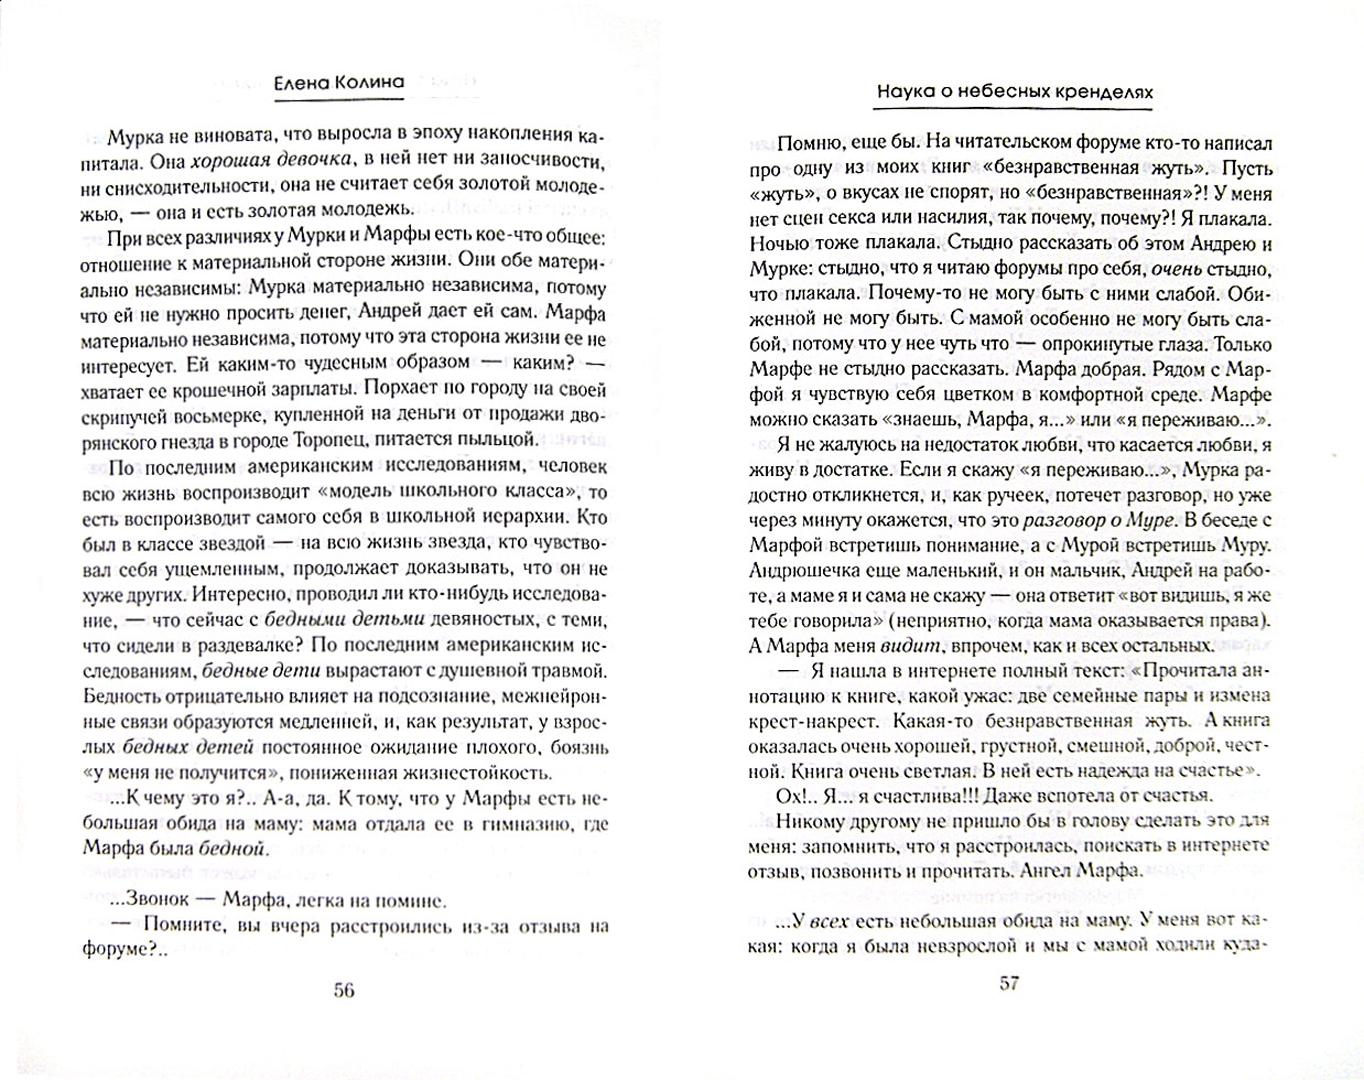 Иллюстрация 1 из 6 для Наука о небесных кренделях - Елена Колина | Лабиринт - книги. Источник: Лабиринт